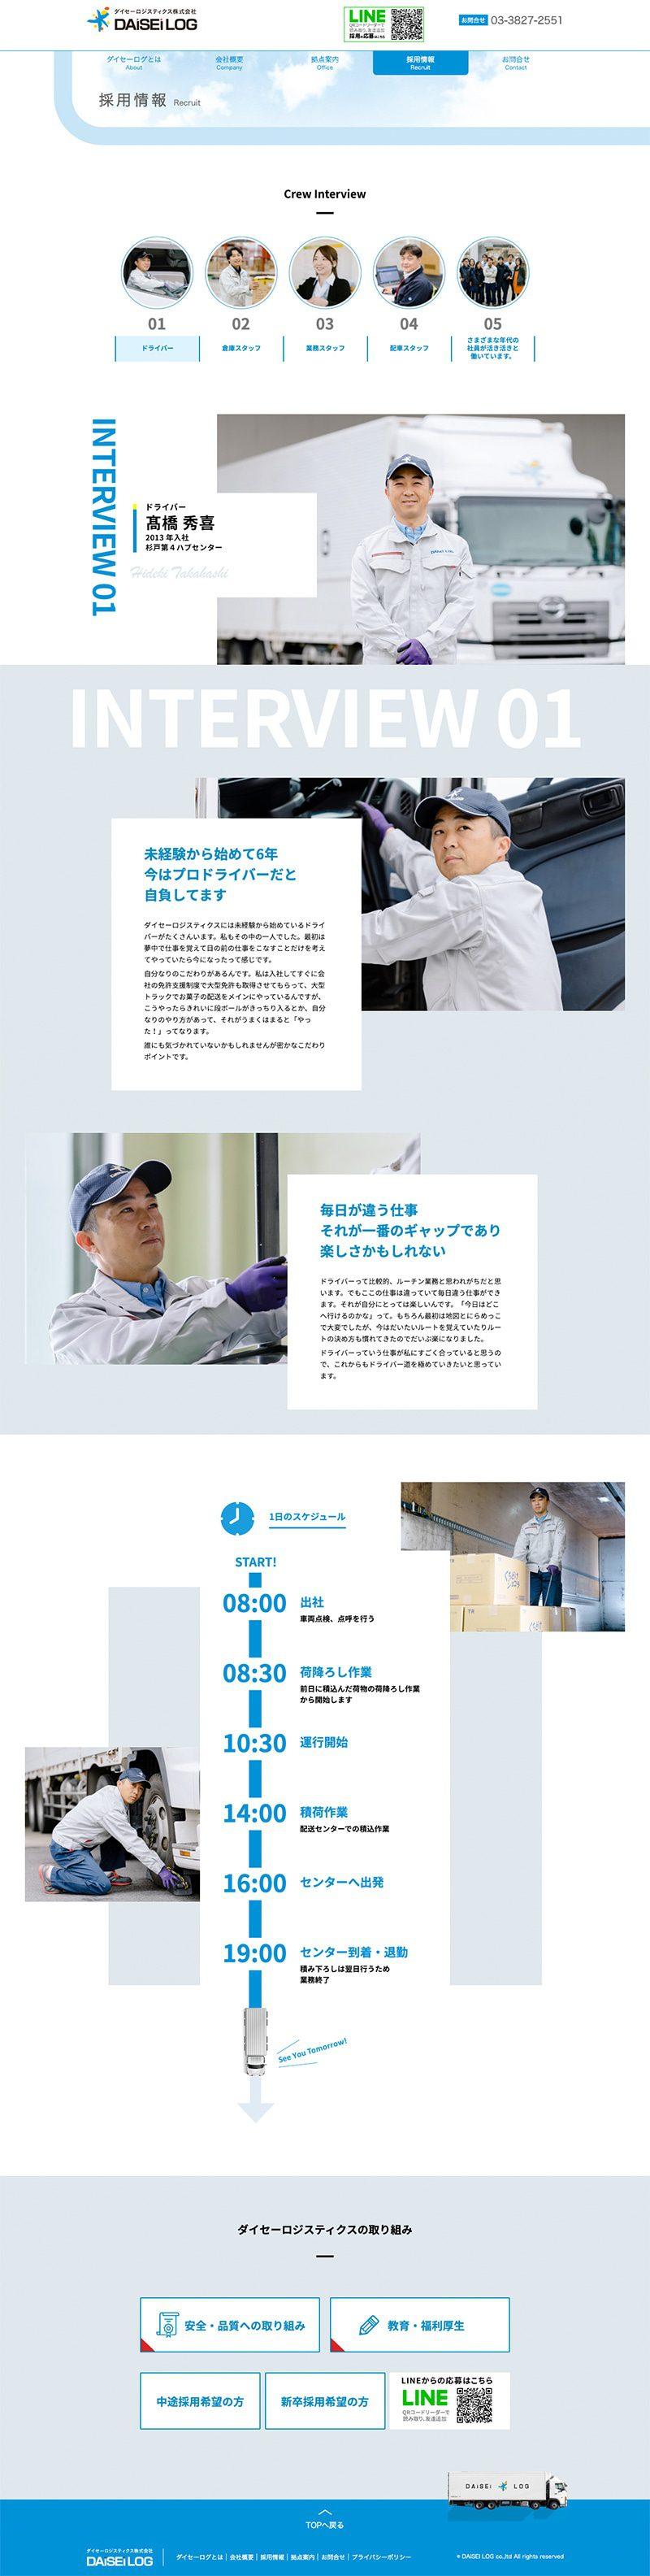 ダイセーロジスティクス株式会社様|コーポレートサイト採用情報 / インタビューページ